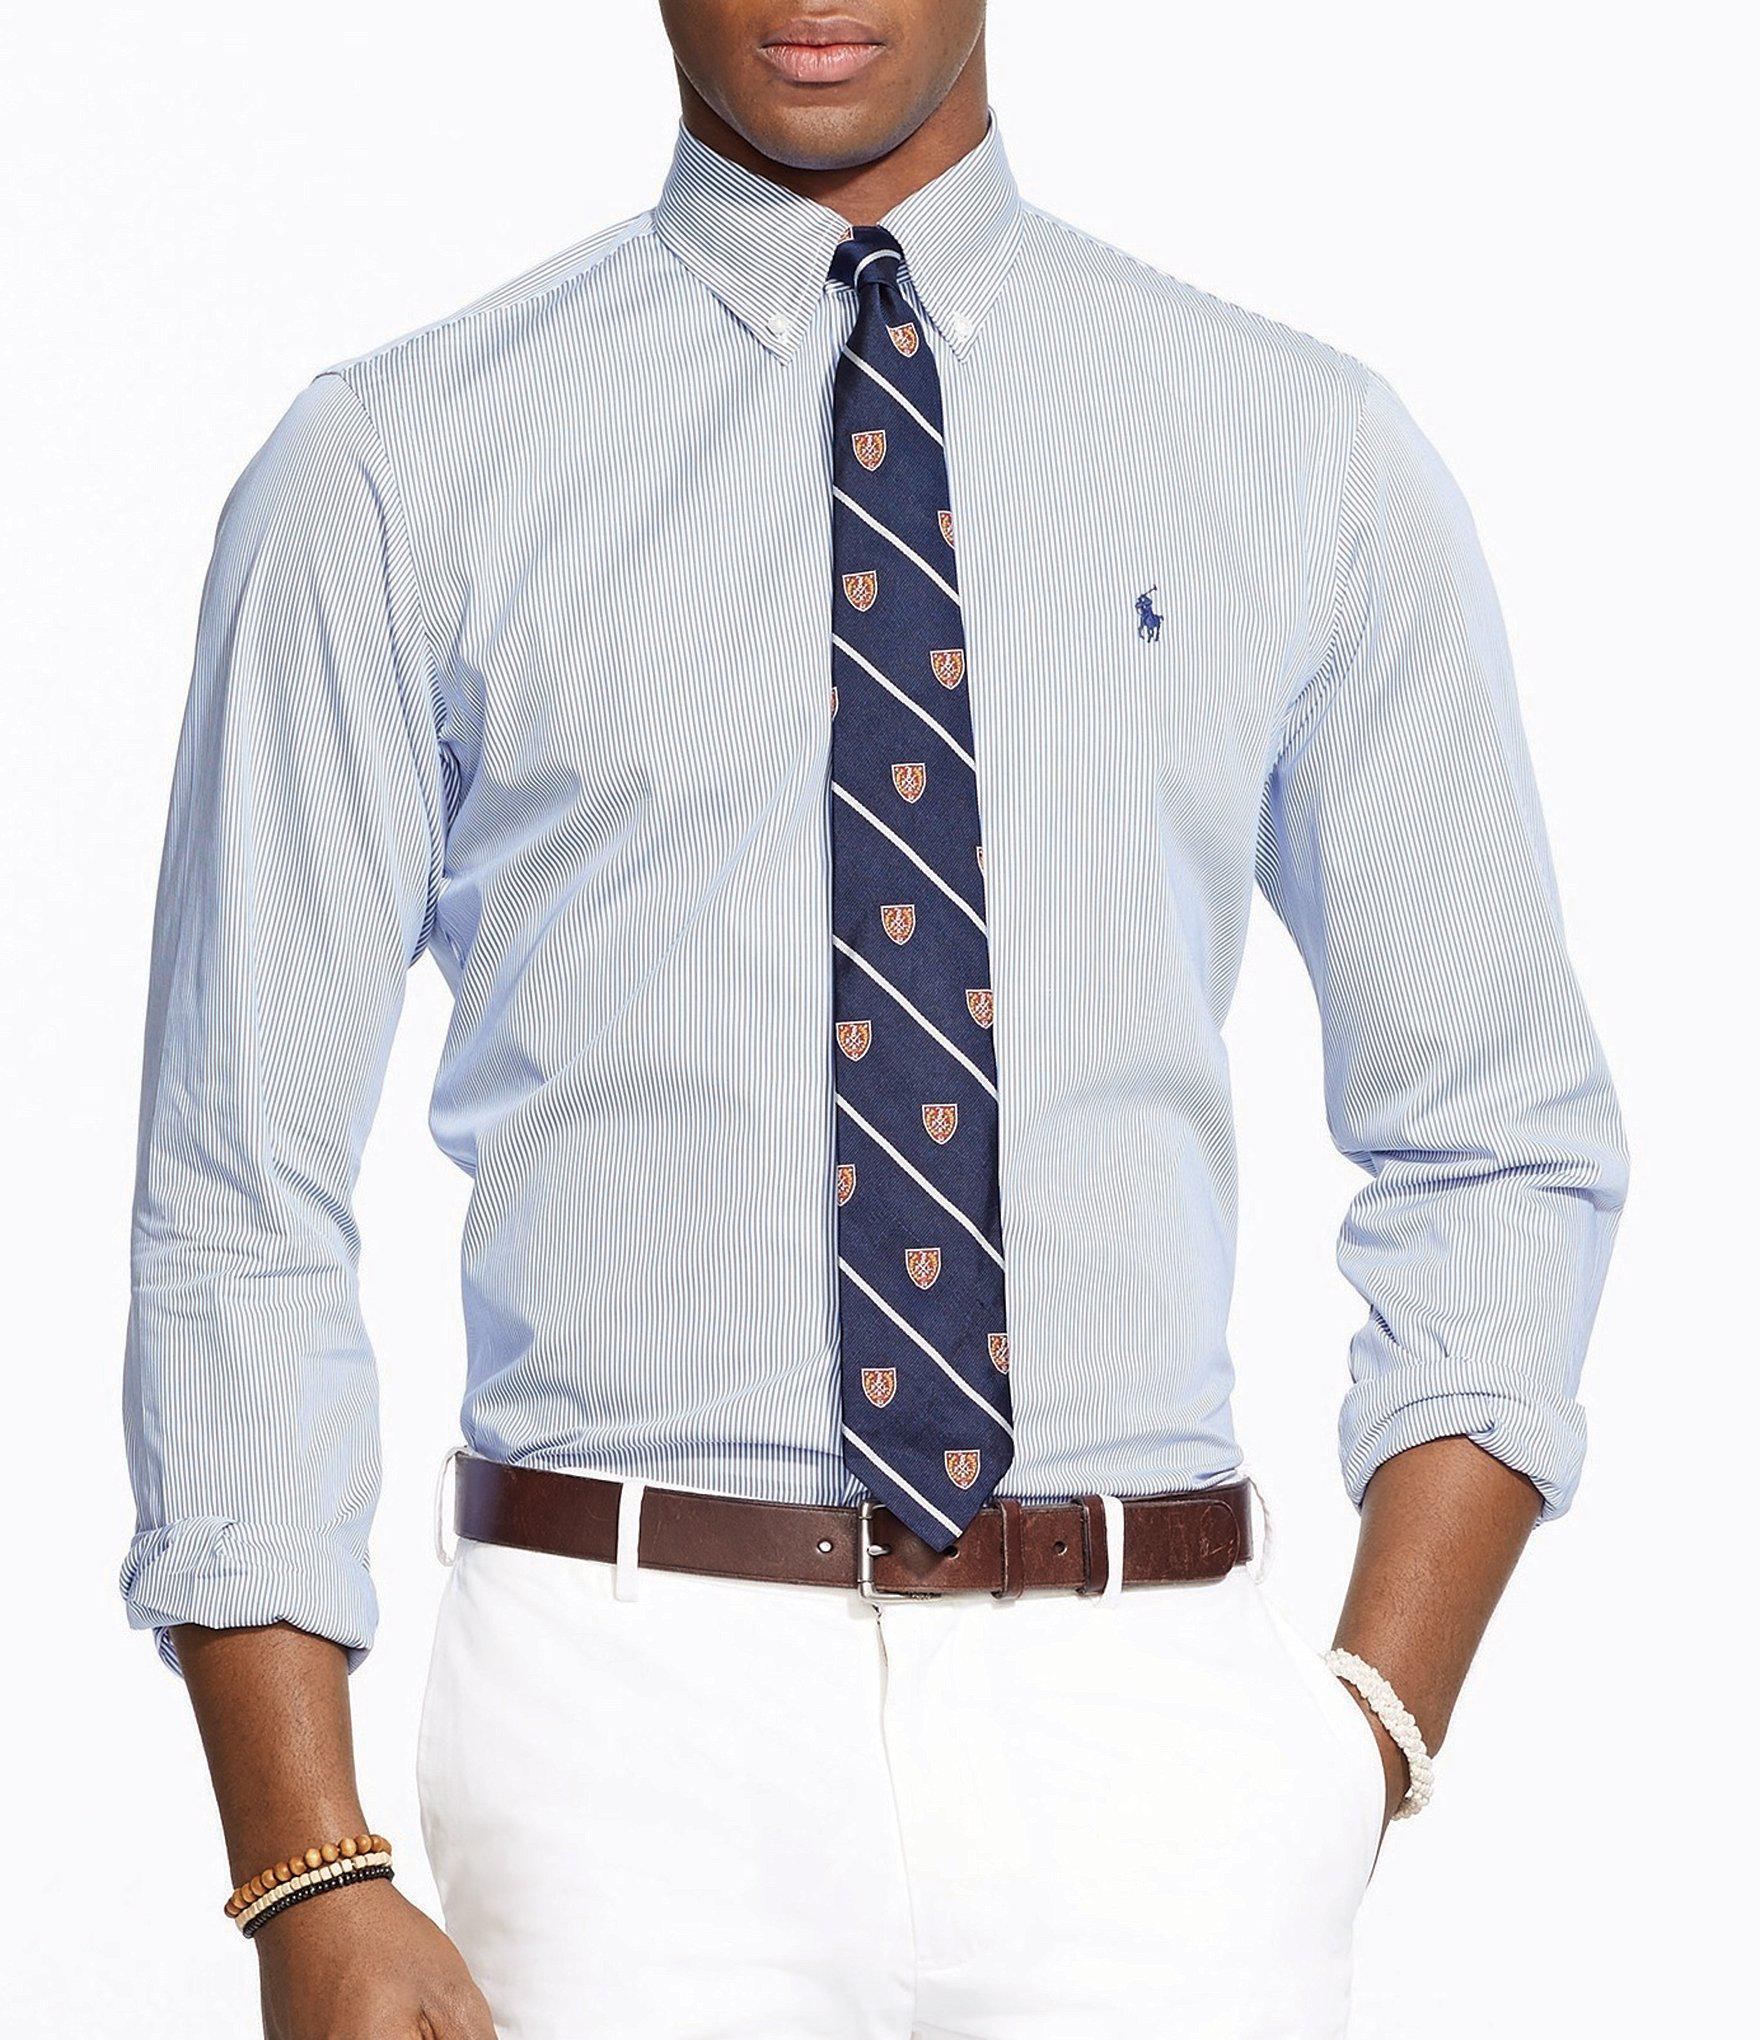 fe5e467c3f Lyst - Polo Ralph Lauren Hairline-striped Poplin Shirt in Blue for Men